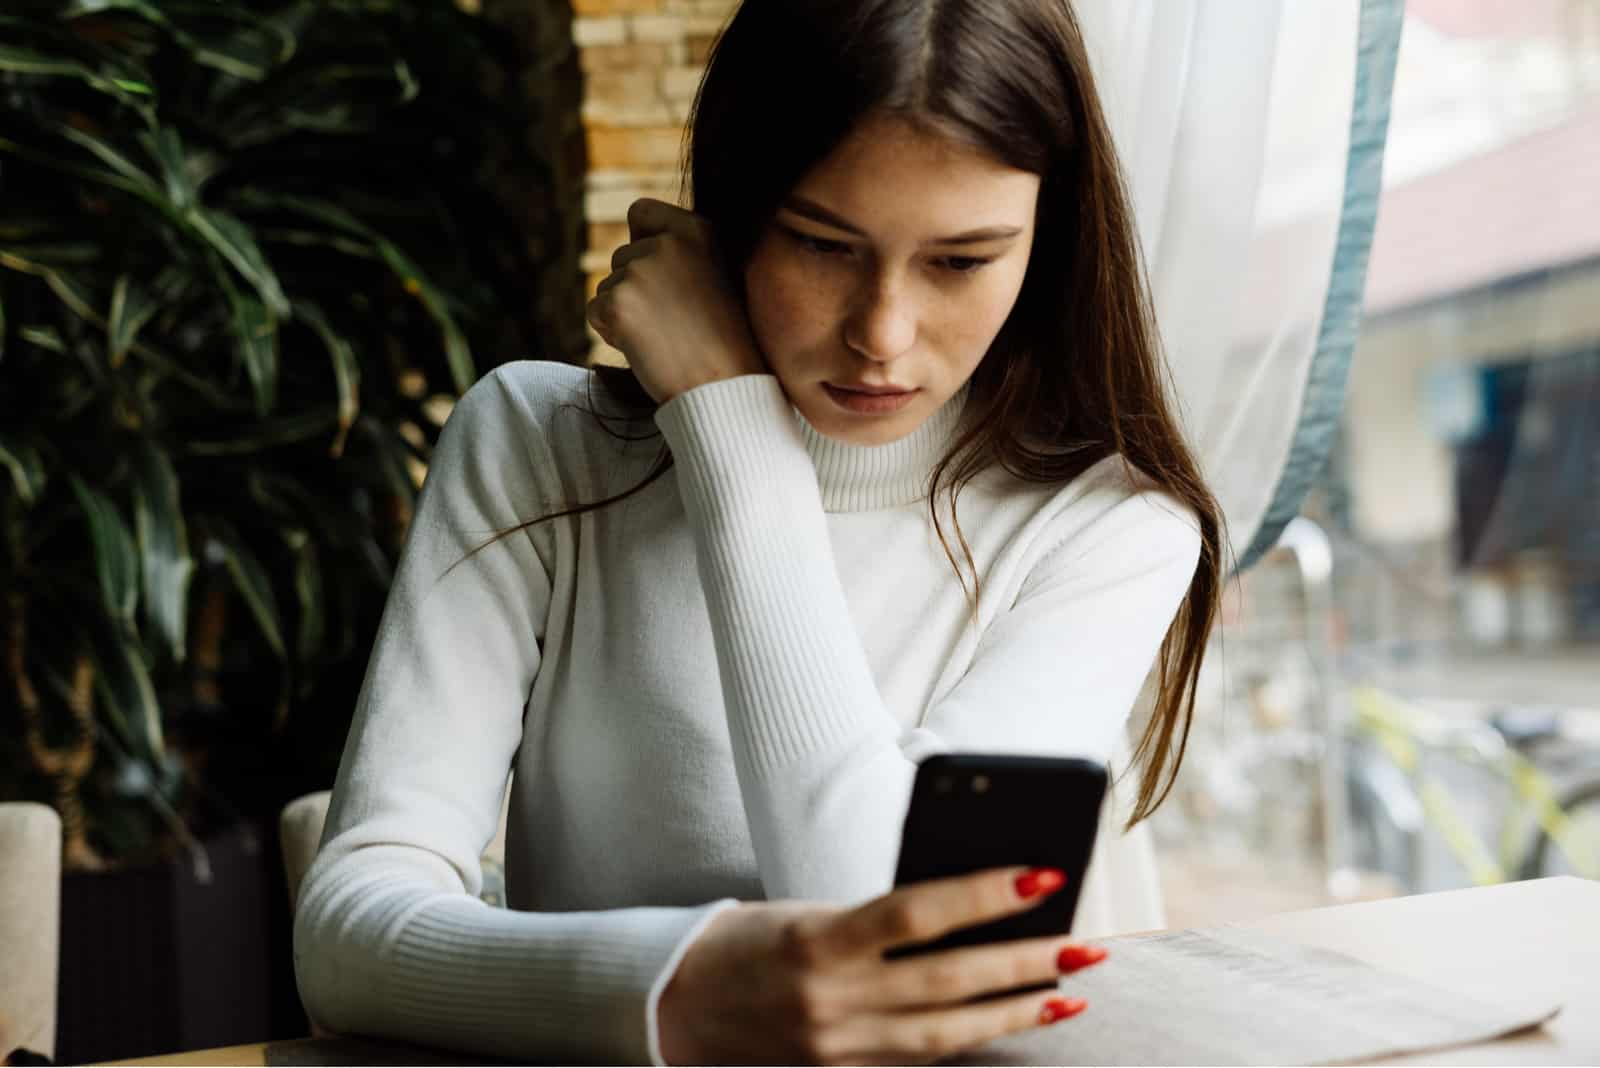 Une femme triste est assise à une table tenant un téléphone à la main